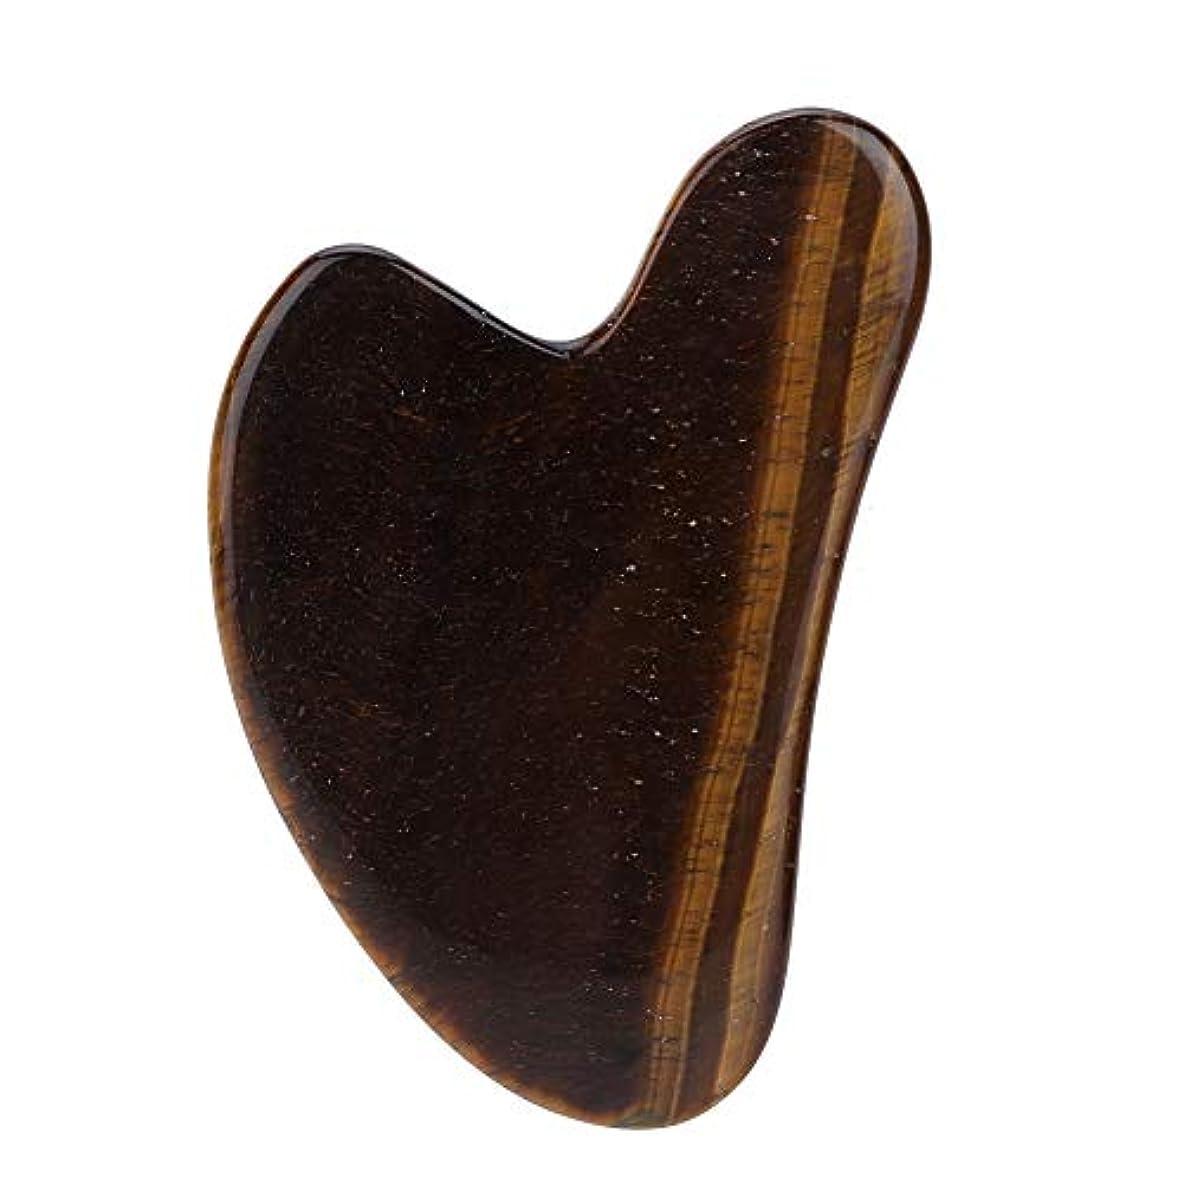 消費するブランドスカウトGua Sha Board for Pain Relief、Natural Jade Scrapping Plate Body Guasha Board Face Massager Health Care Tool